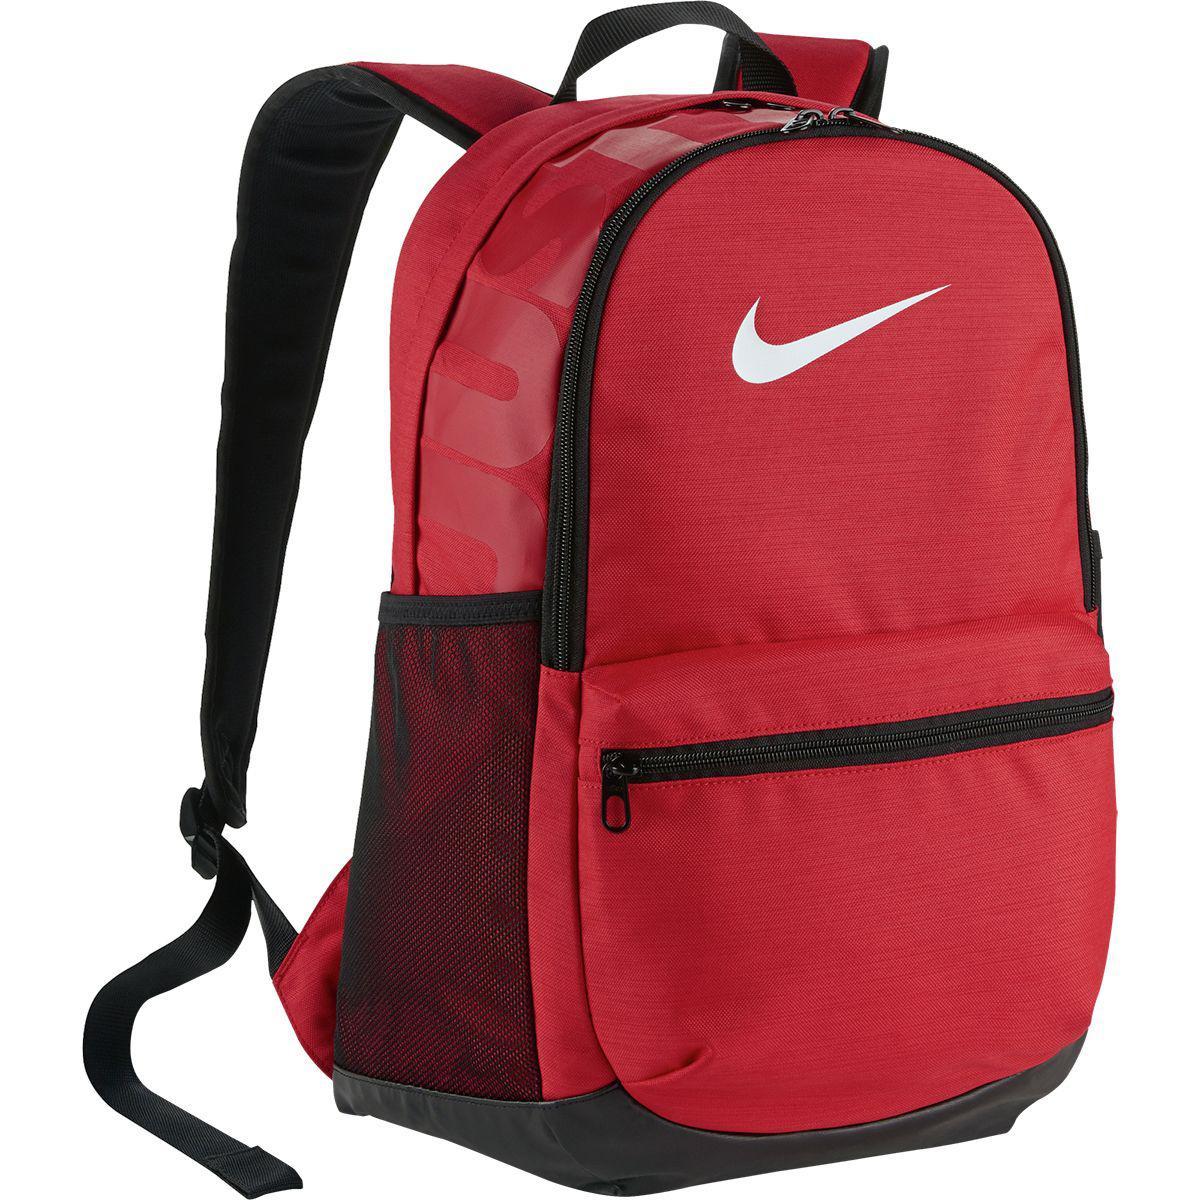 e6cc1d2950 Lyst - Nike Brasilia Medium Backpack in Red for Men